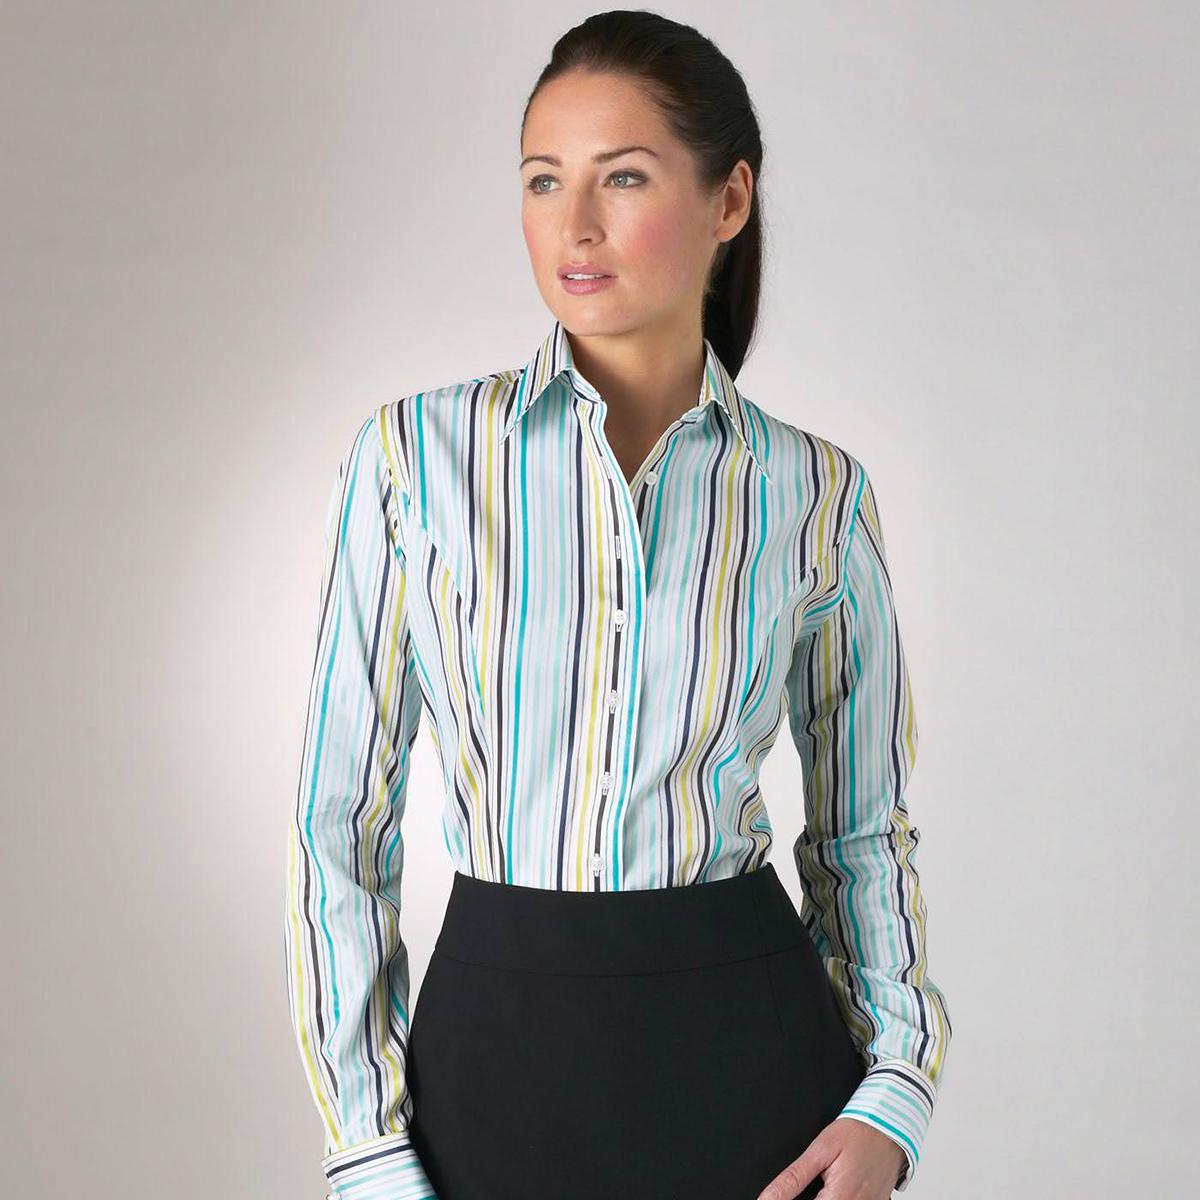 Женская рубашка в полоску с юбкой